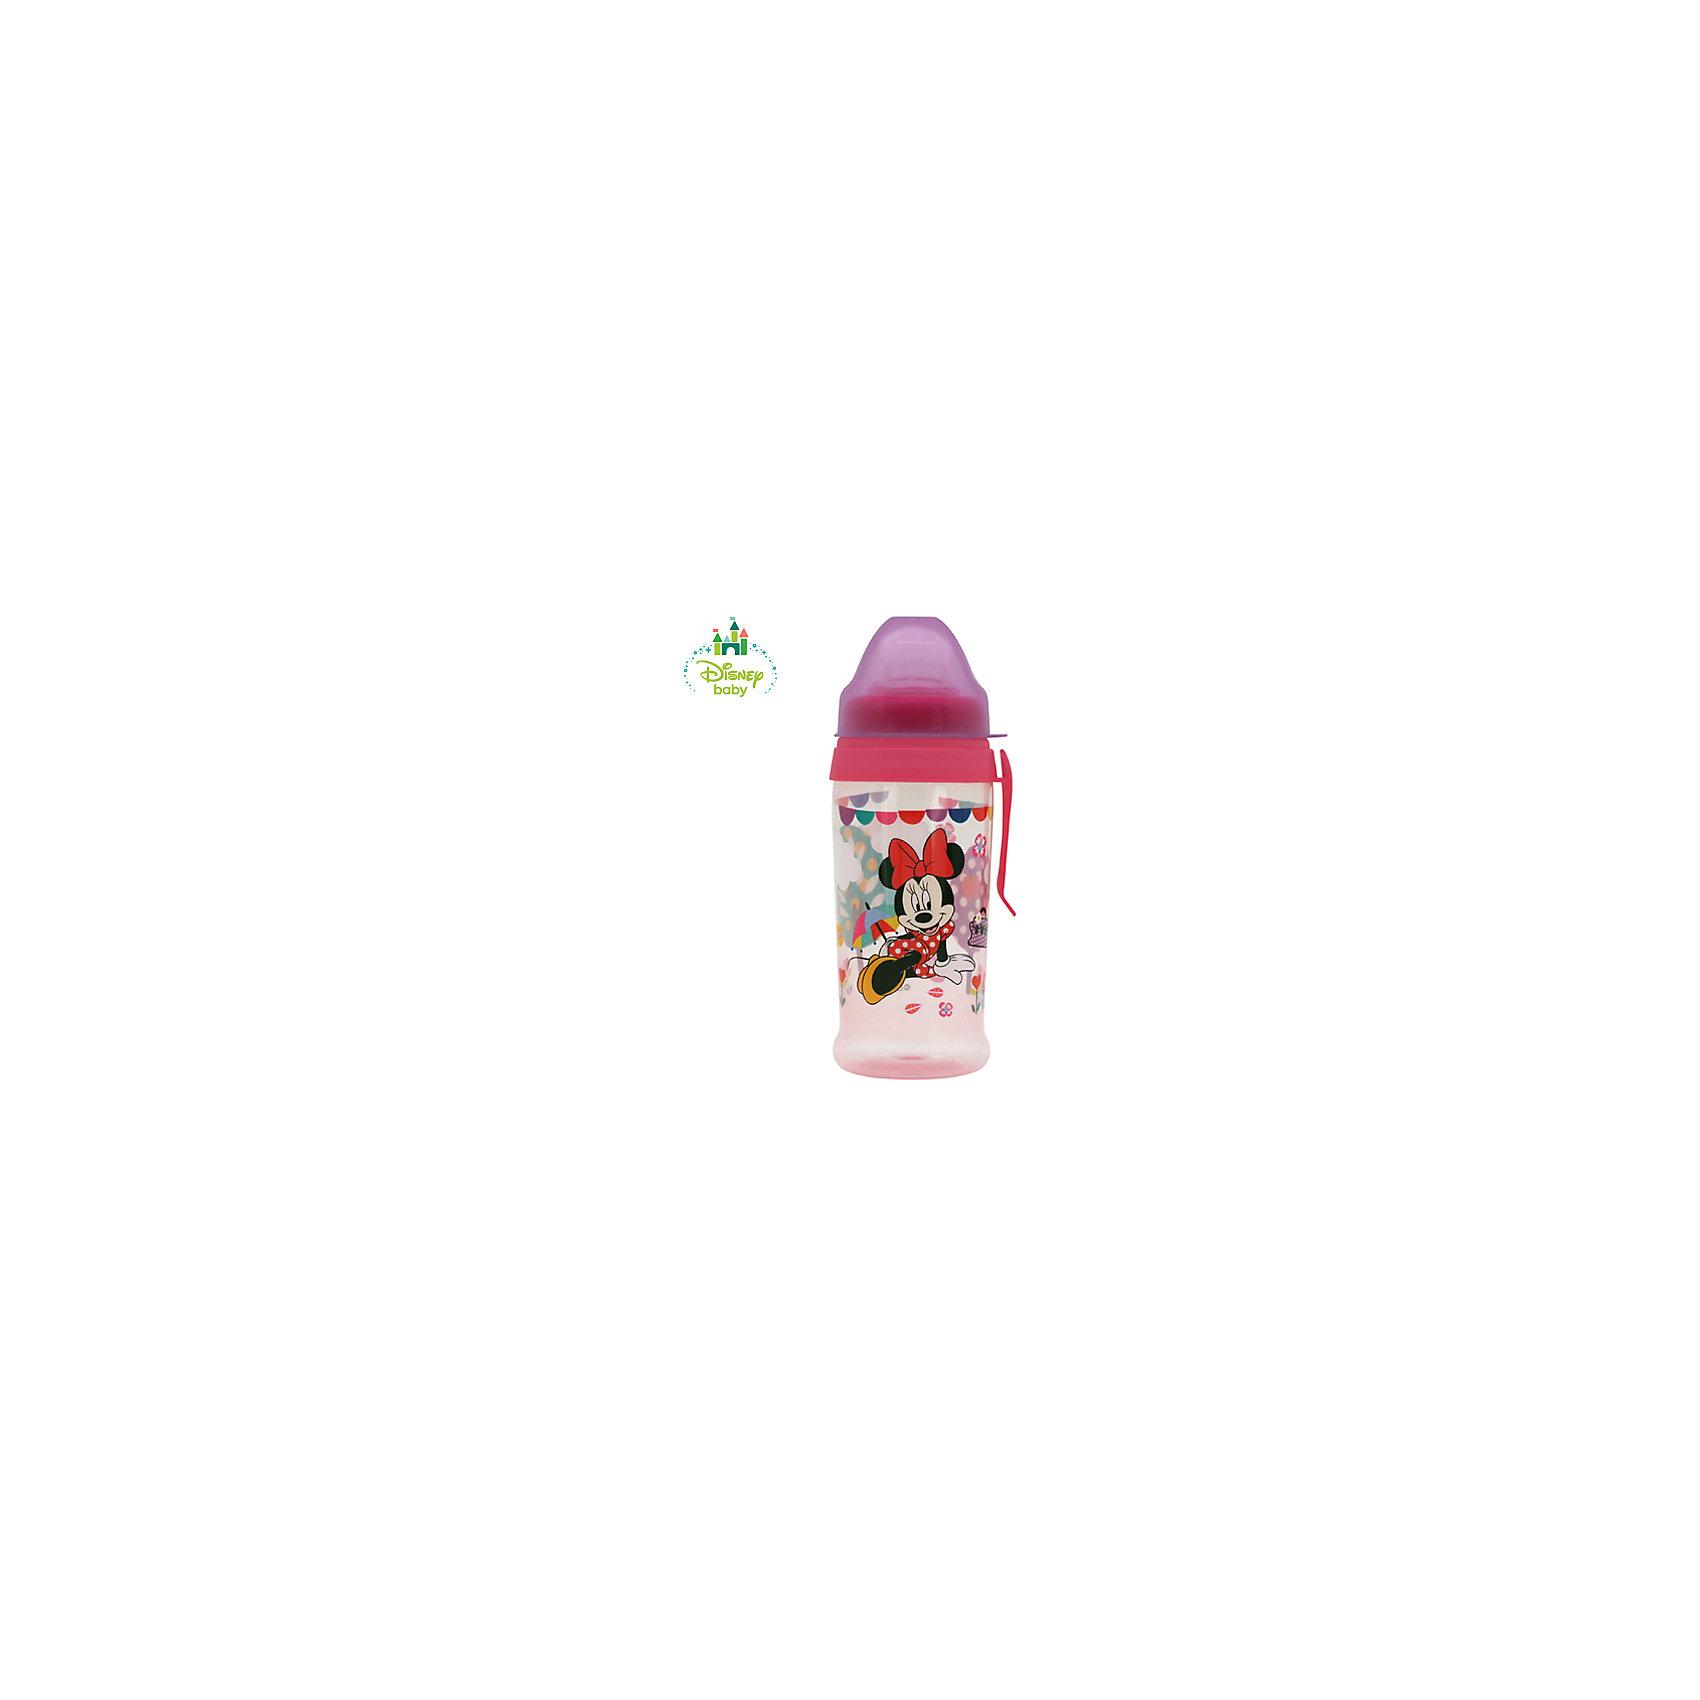 Поильник Минни DISNEY с мягким носиком, от 6 мес. 360 мл., LUBBY, розовый/сиреневыйПоильники<br>Поильник с мягким носиком подойдет уже подросшим малышам, у которых только появляются передние зубки. У поильника   мягкий силиконовой носик, который будет напоминать Вашему ребенку бутылочку или соску-пустышку и это сделает комфортным и безопасным переход кормления без использования соски, а так же нежные десны малыша не поранятся.<br>Форма носика у поильника  Микки и Минни  не дает  проливаться жидкости, если ребенок уронил или перевернул поильник. Если Вы какое-то время не используете поильник , то крышка защитит его носик от загрязнения. У поильник есть клипса, которая   крепиться  к коляске малыша, на ремень сумки, либо на пояс мамы.<br>Яркий дизайн поильника с изображением героев Дисней сделает его любимым для Малыша.<br>Перед первым использованием необходимо прокипятить изделие в течение 5 минут. В дальнейшем перед каждым использованием кружку необходимо мыть теплой водой с мылом, тщательно ополаскивать. Можно мыть в посудомоечной машине.<br><br>Дополнительная информация: <br><br>- состав: полипропилен, силикон<br>- срок службы: 1 год<br>- размер единичной упаковки (дхшхв) : 90*220*72<br>- объем: 360 мл. <br><br>Поильник Микки и Минни с мягким носиком и клипсой  можно купить в нашем интернет-магазине.<br><br>Ширина мм: 80<br>Глубина мм: 160<br>Высота мм: 80<br>Вес г: 350<br>Возраст от месяцев: 6<br>Возраст до месяцев: 36<br>Пол: Унисекс<br>Возраст: Детский<br>SKU: 4801554